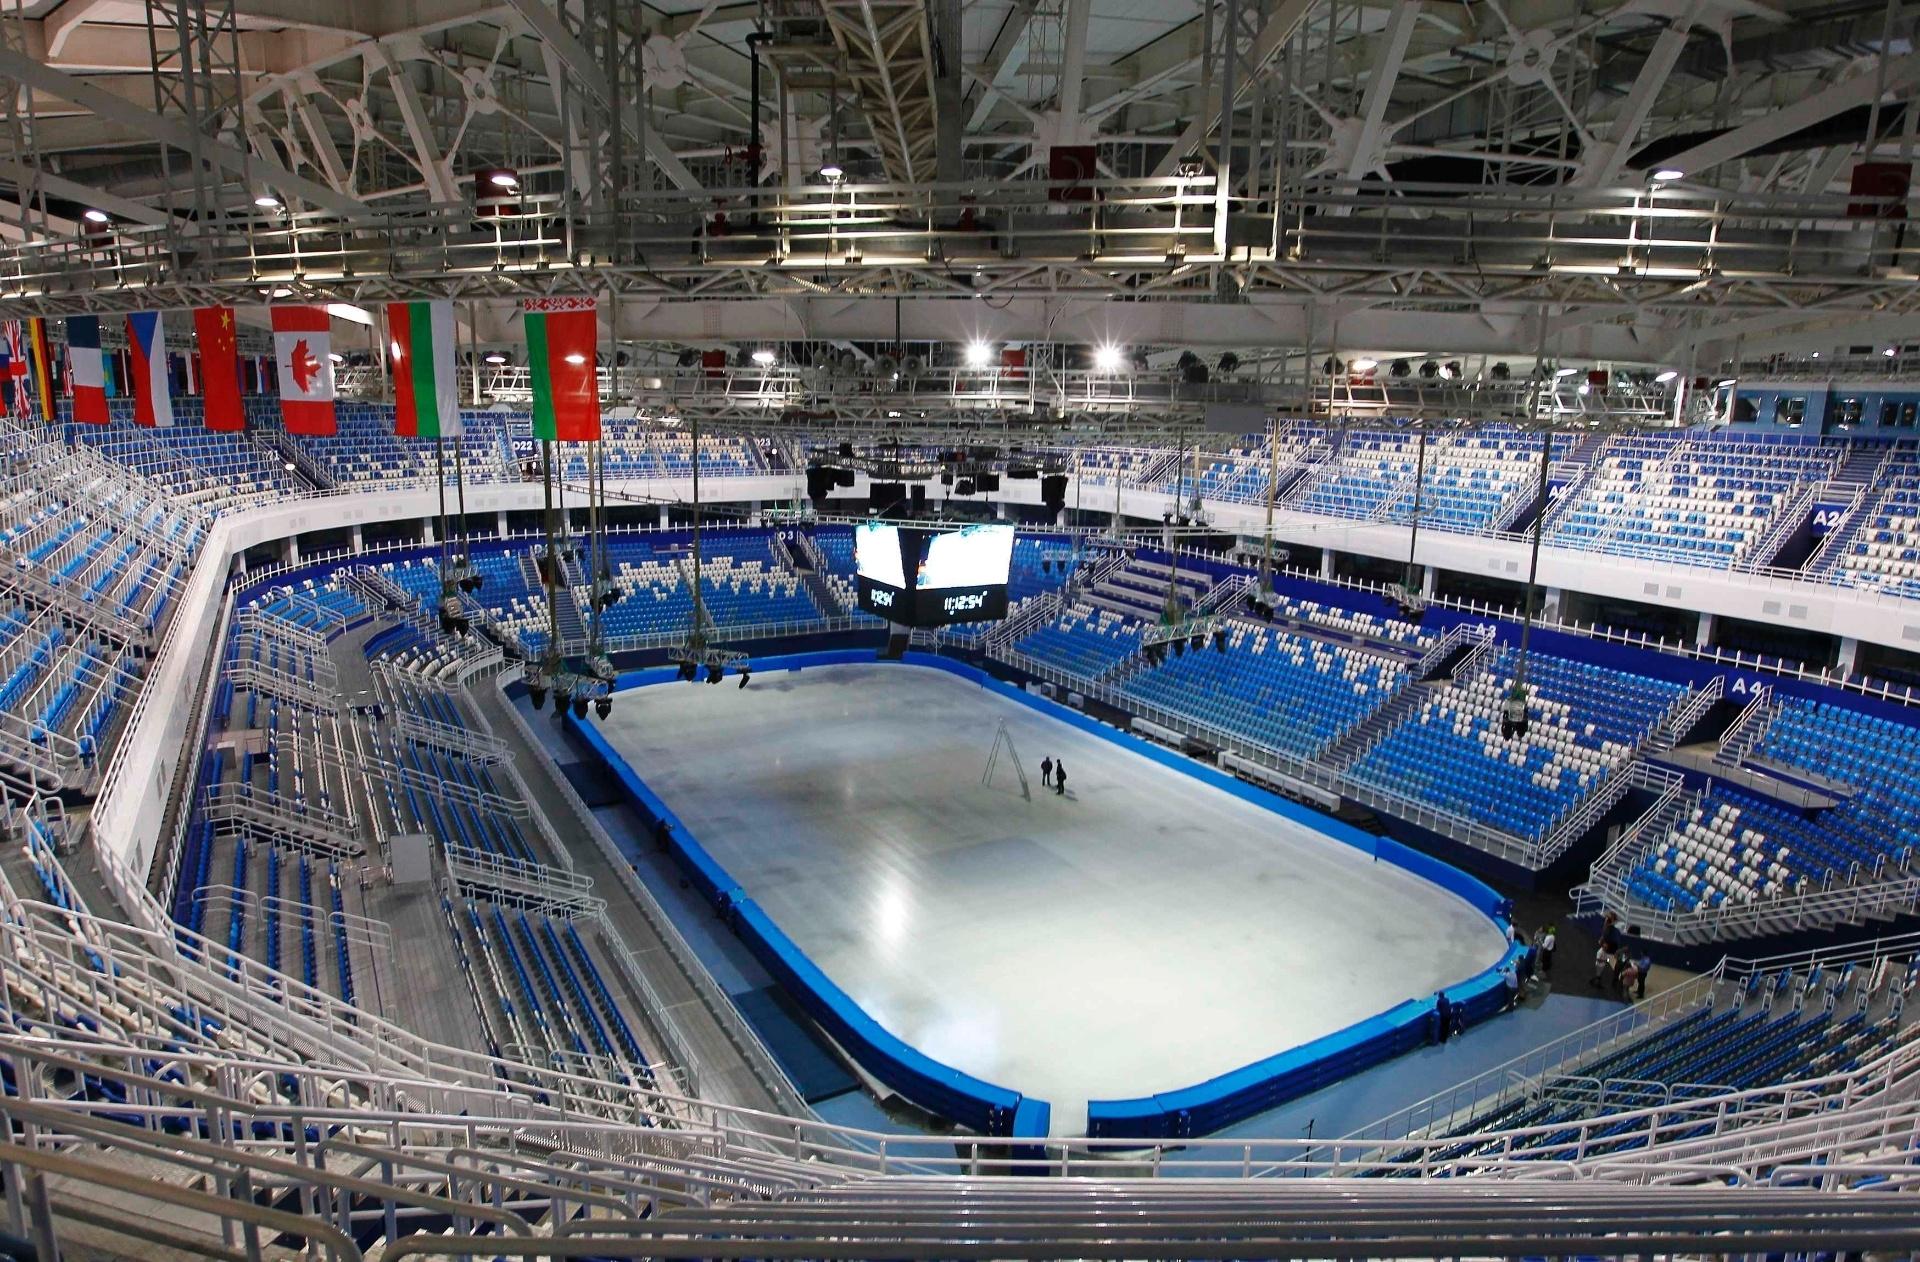 20.ago.2013 - Iceberg Skating Palace está praticamente pronto para os Jogos de Inverno de Sochi. A arena receberá as competições de patinação artística e patinação de velocidade na Olimpíada, em fevereiro